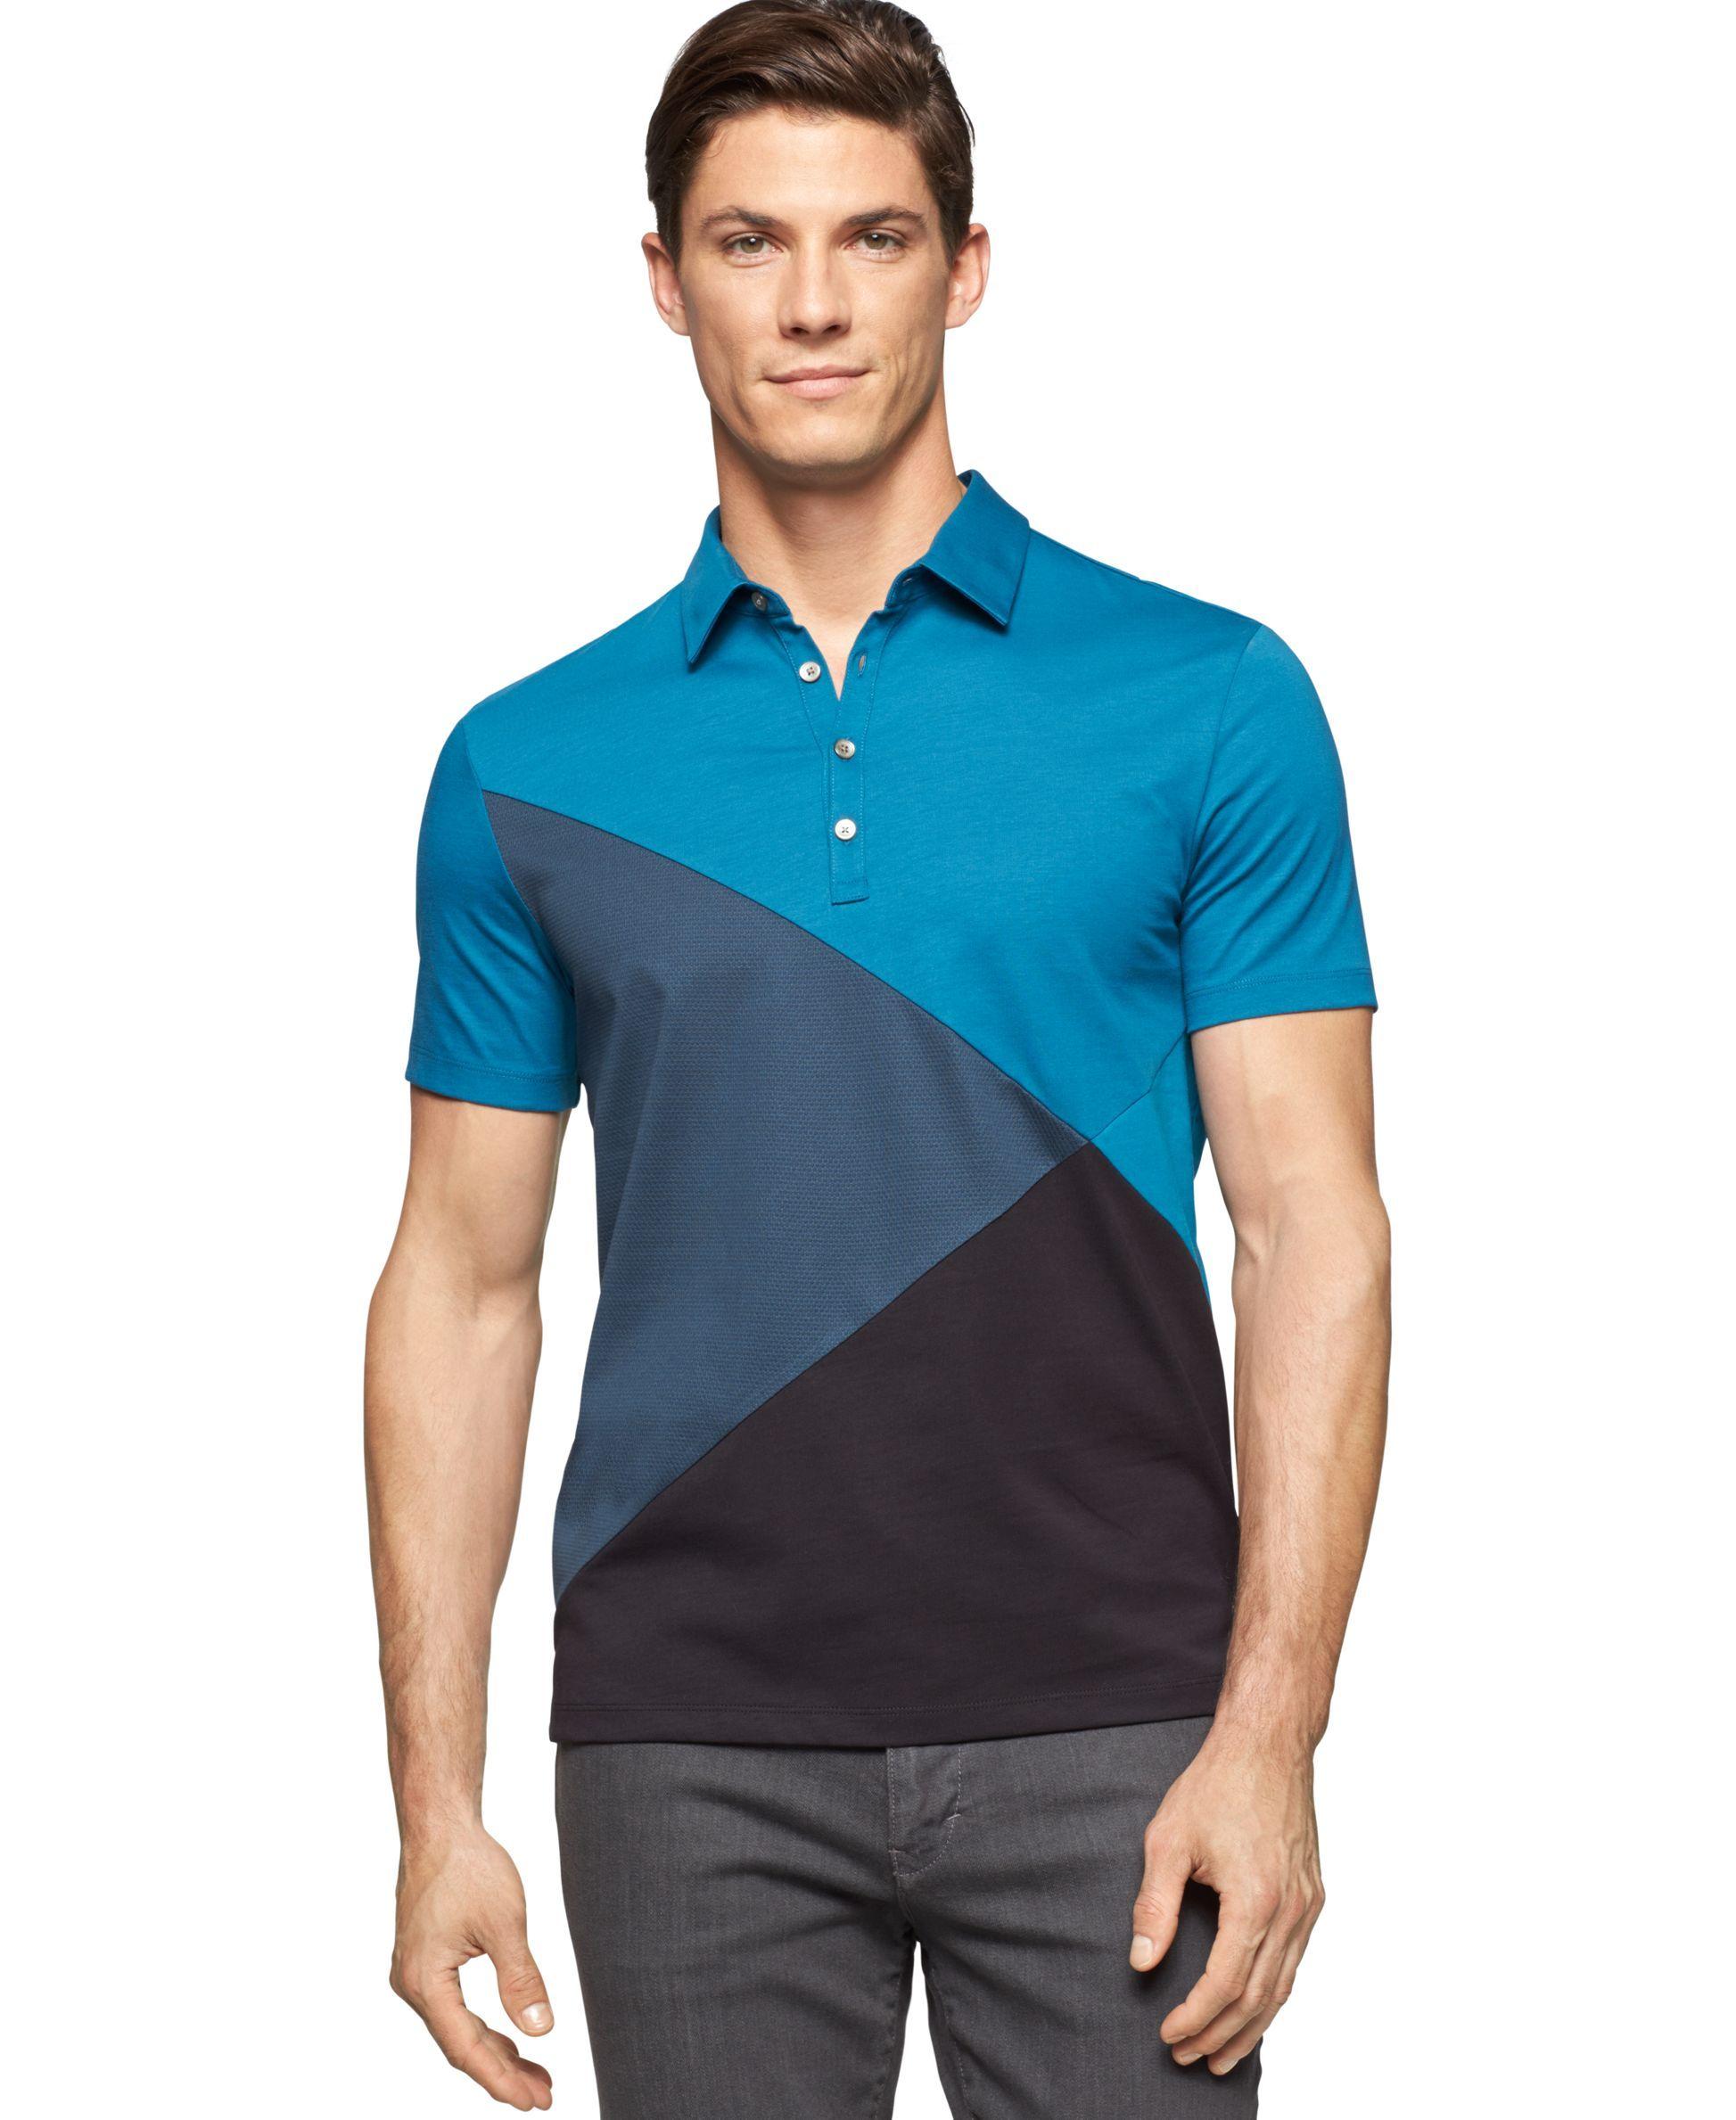 Calvin Klein Jacquard Colorblock Jersey Polo Polos Hombre In 2019